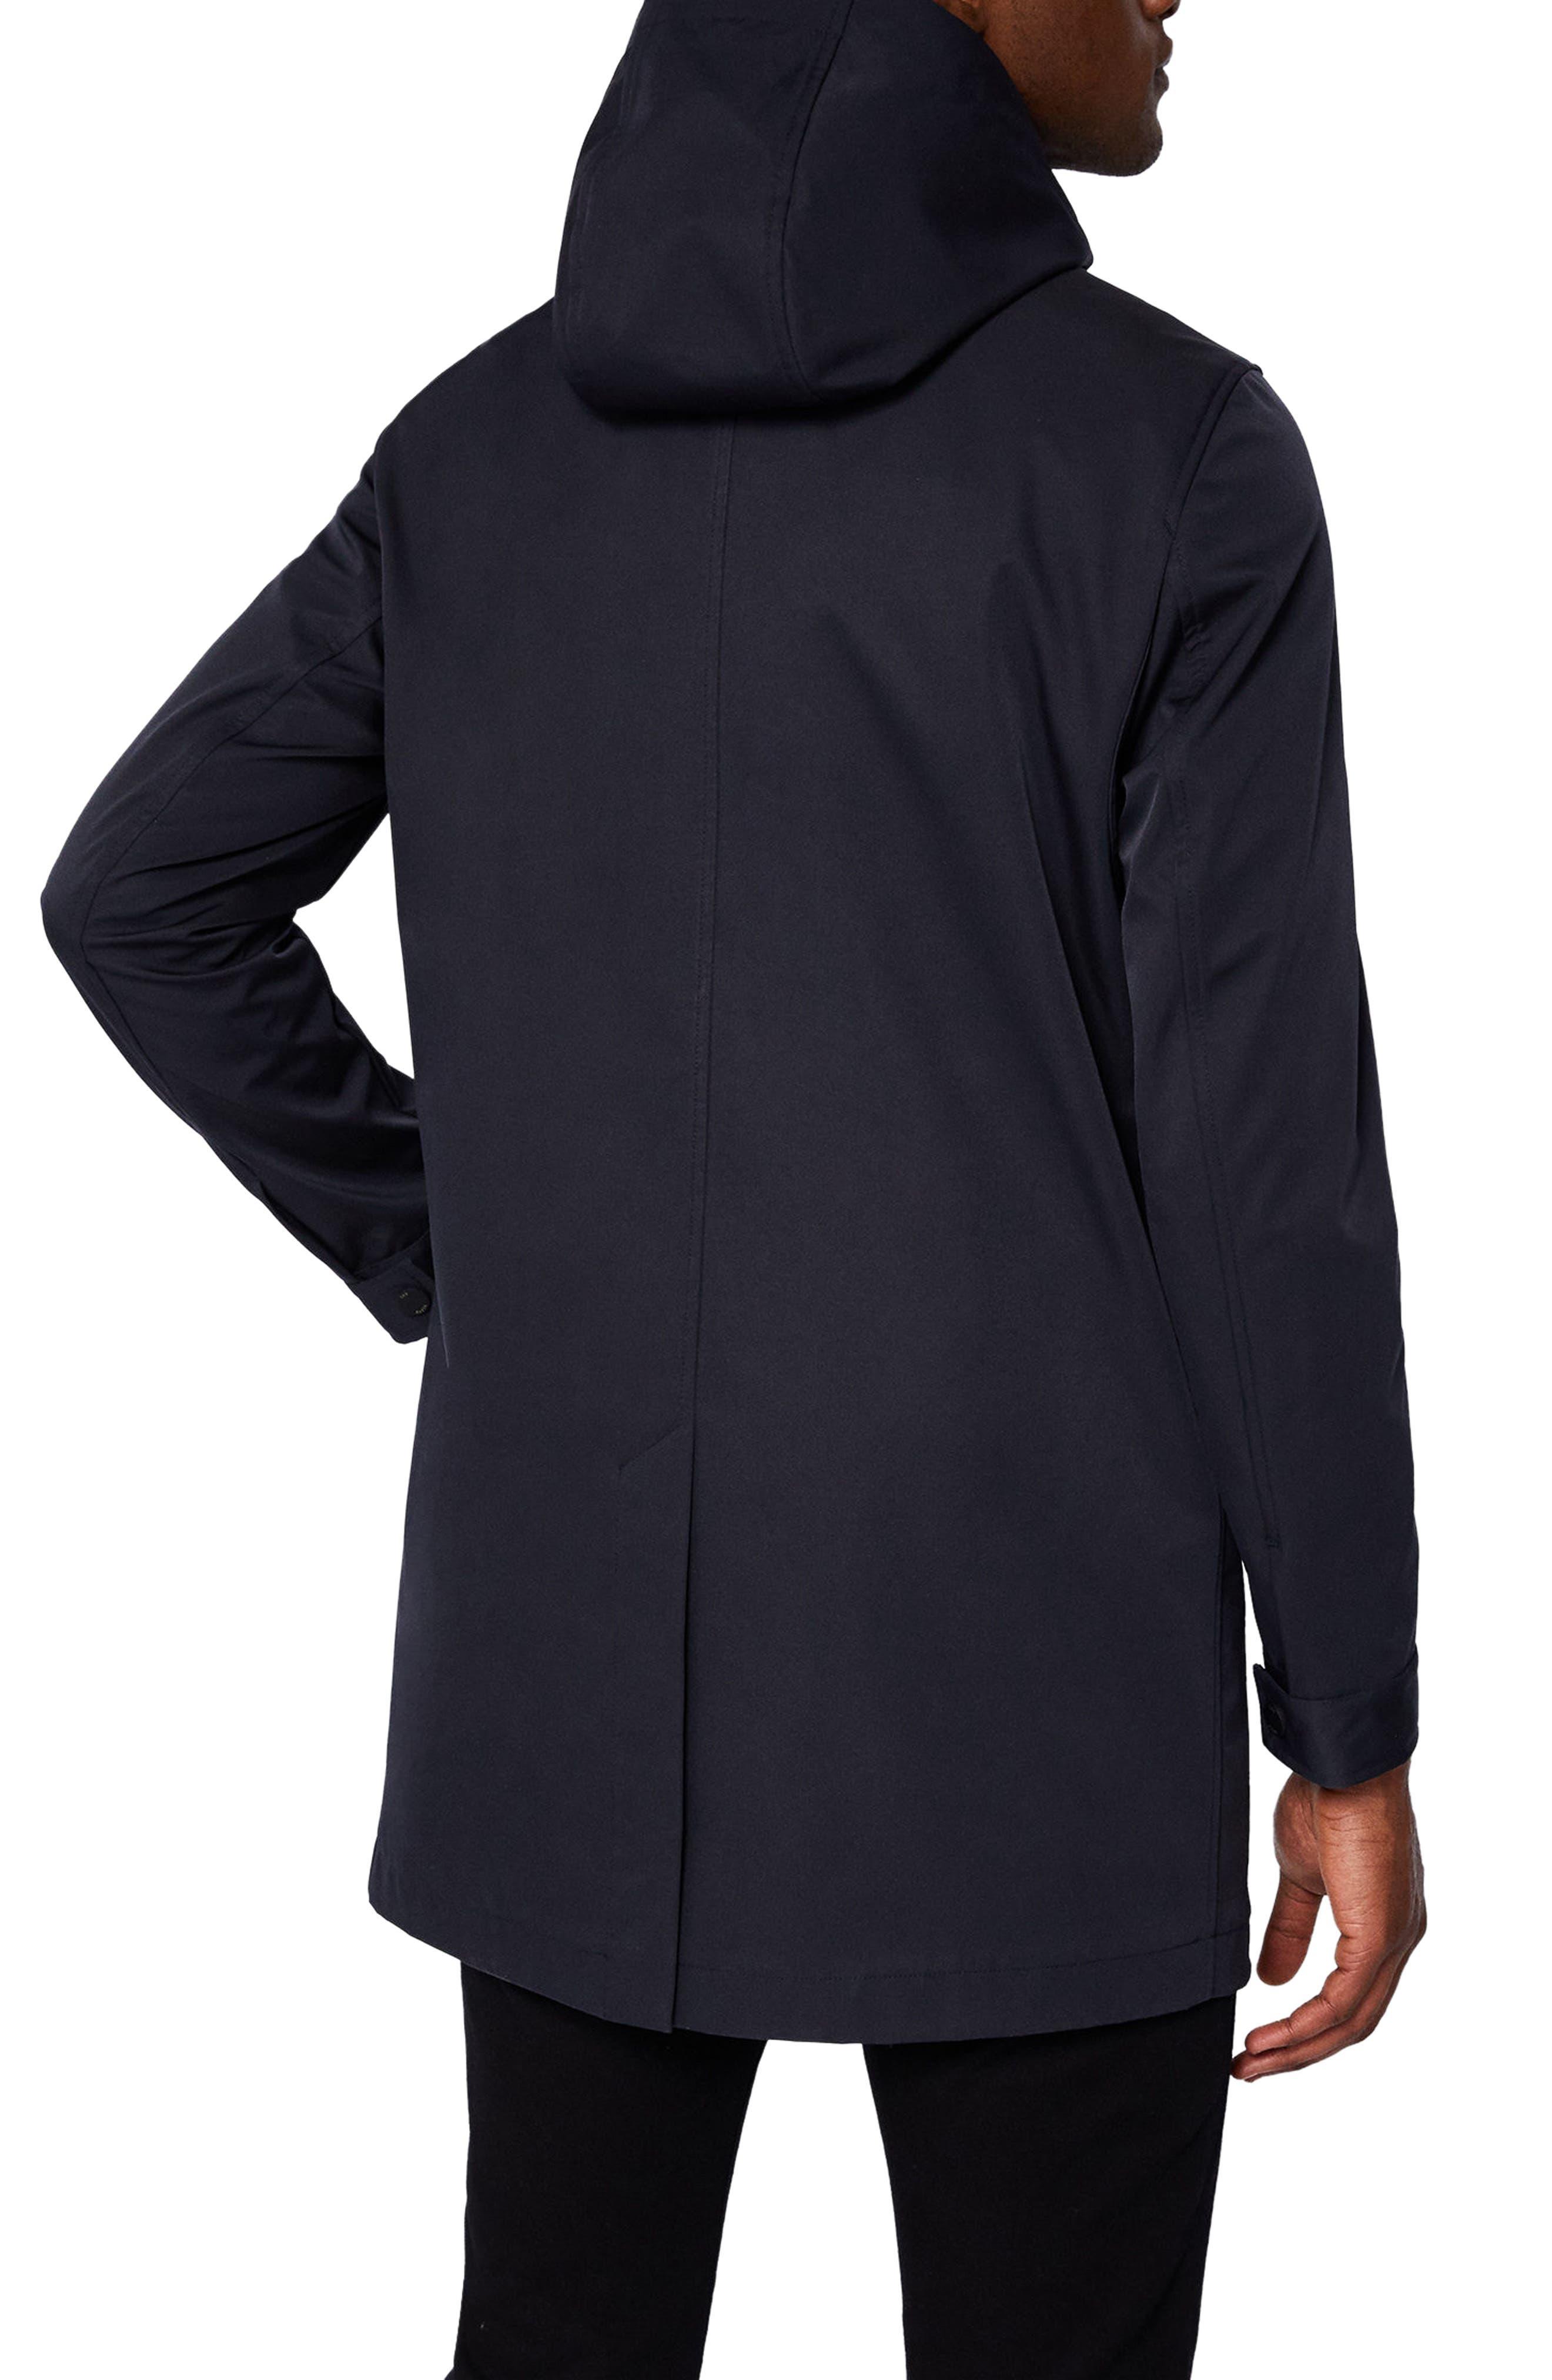 Vernett Hooded Jacket,                             Alternate thumbnail 2, color,                             410